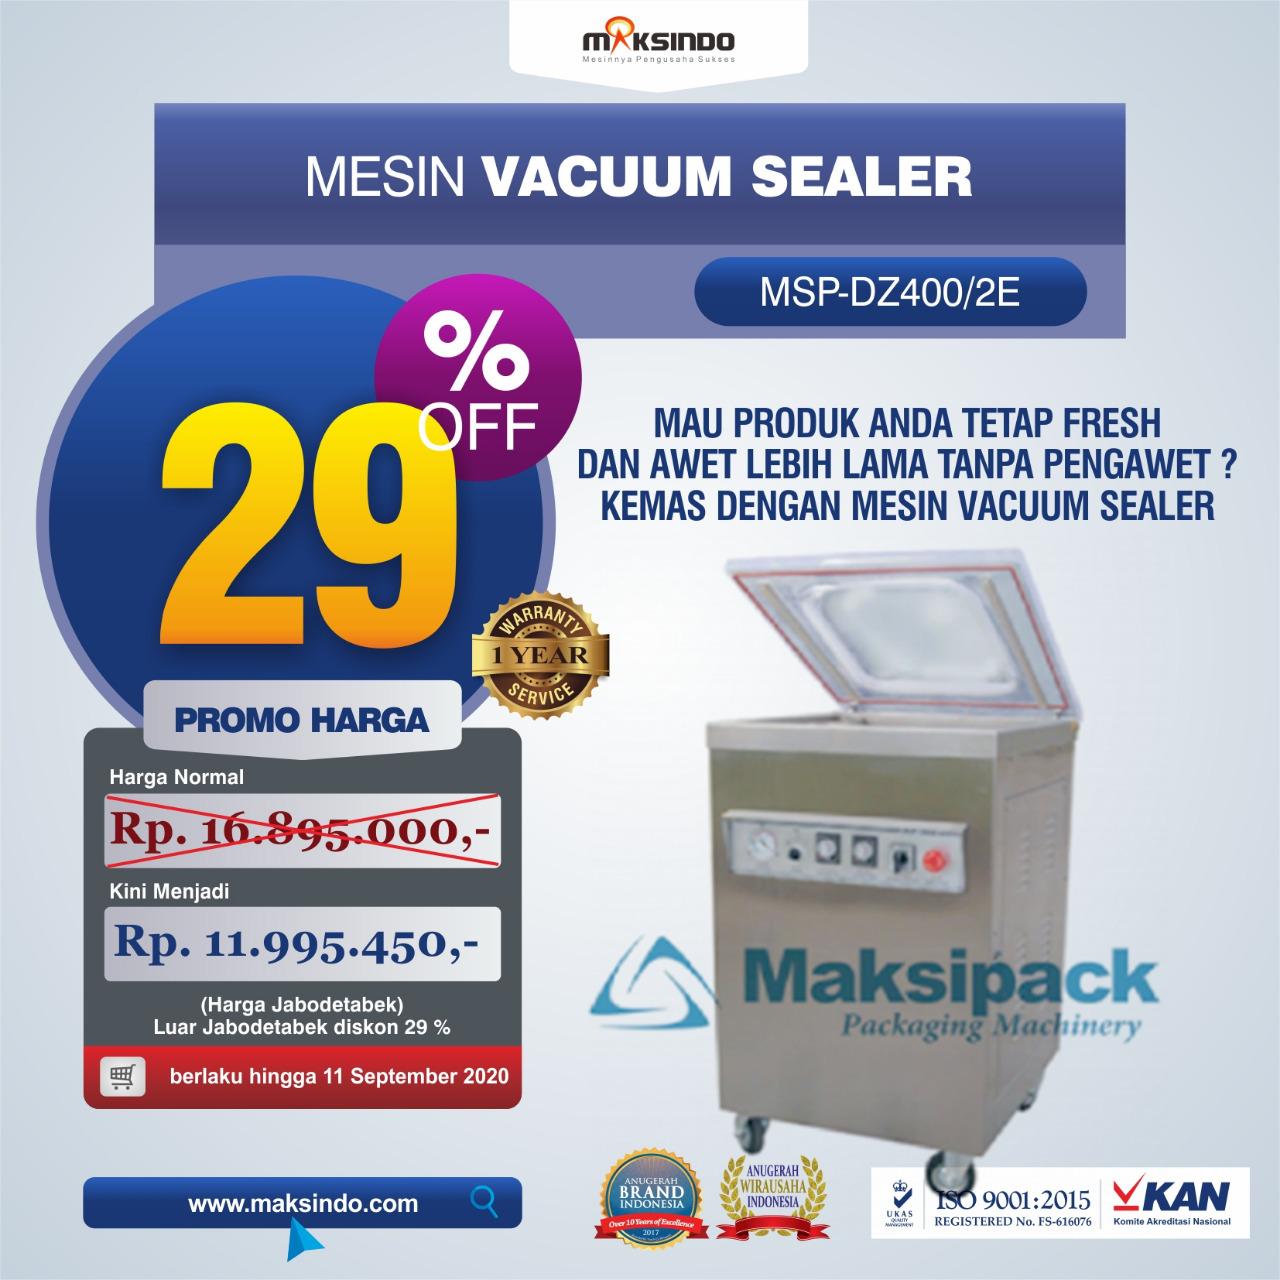 Jual Mesin Vacuum Sealer Type (MSP-DZ400/2E) Di Bogor